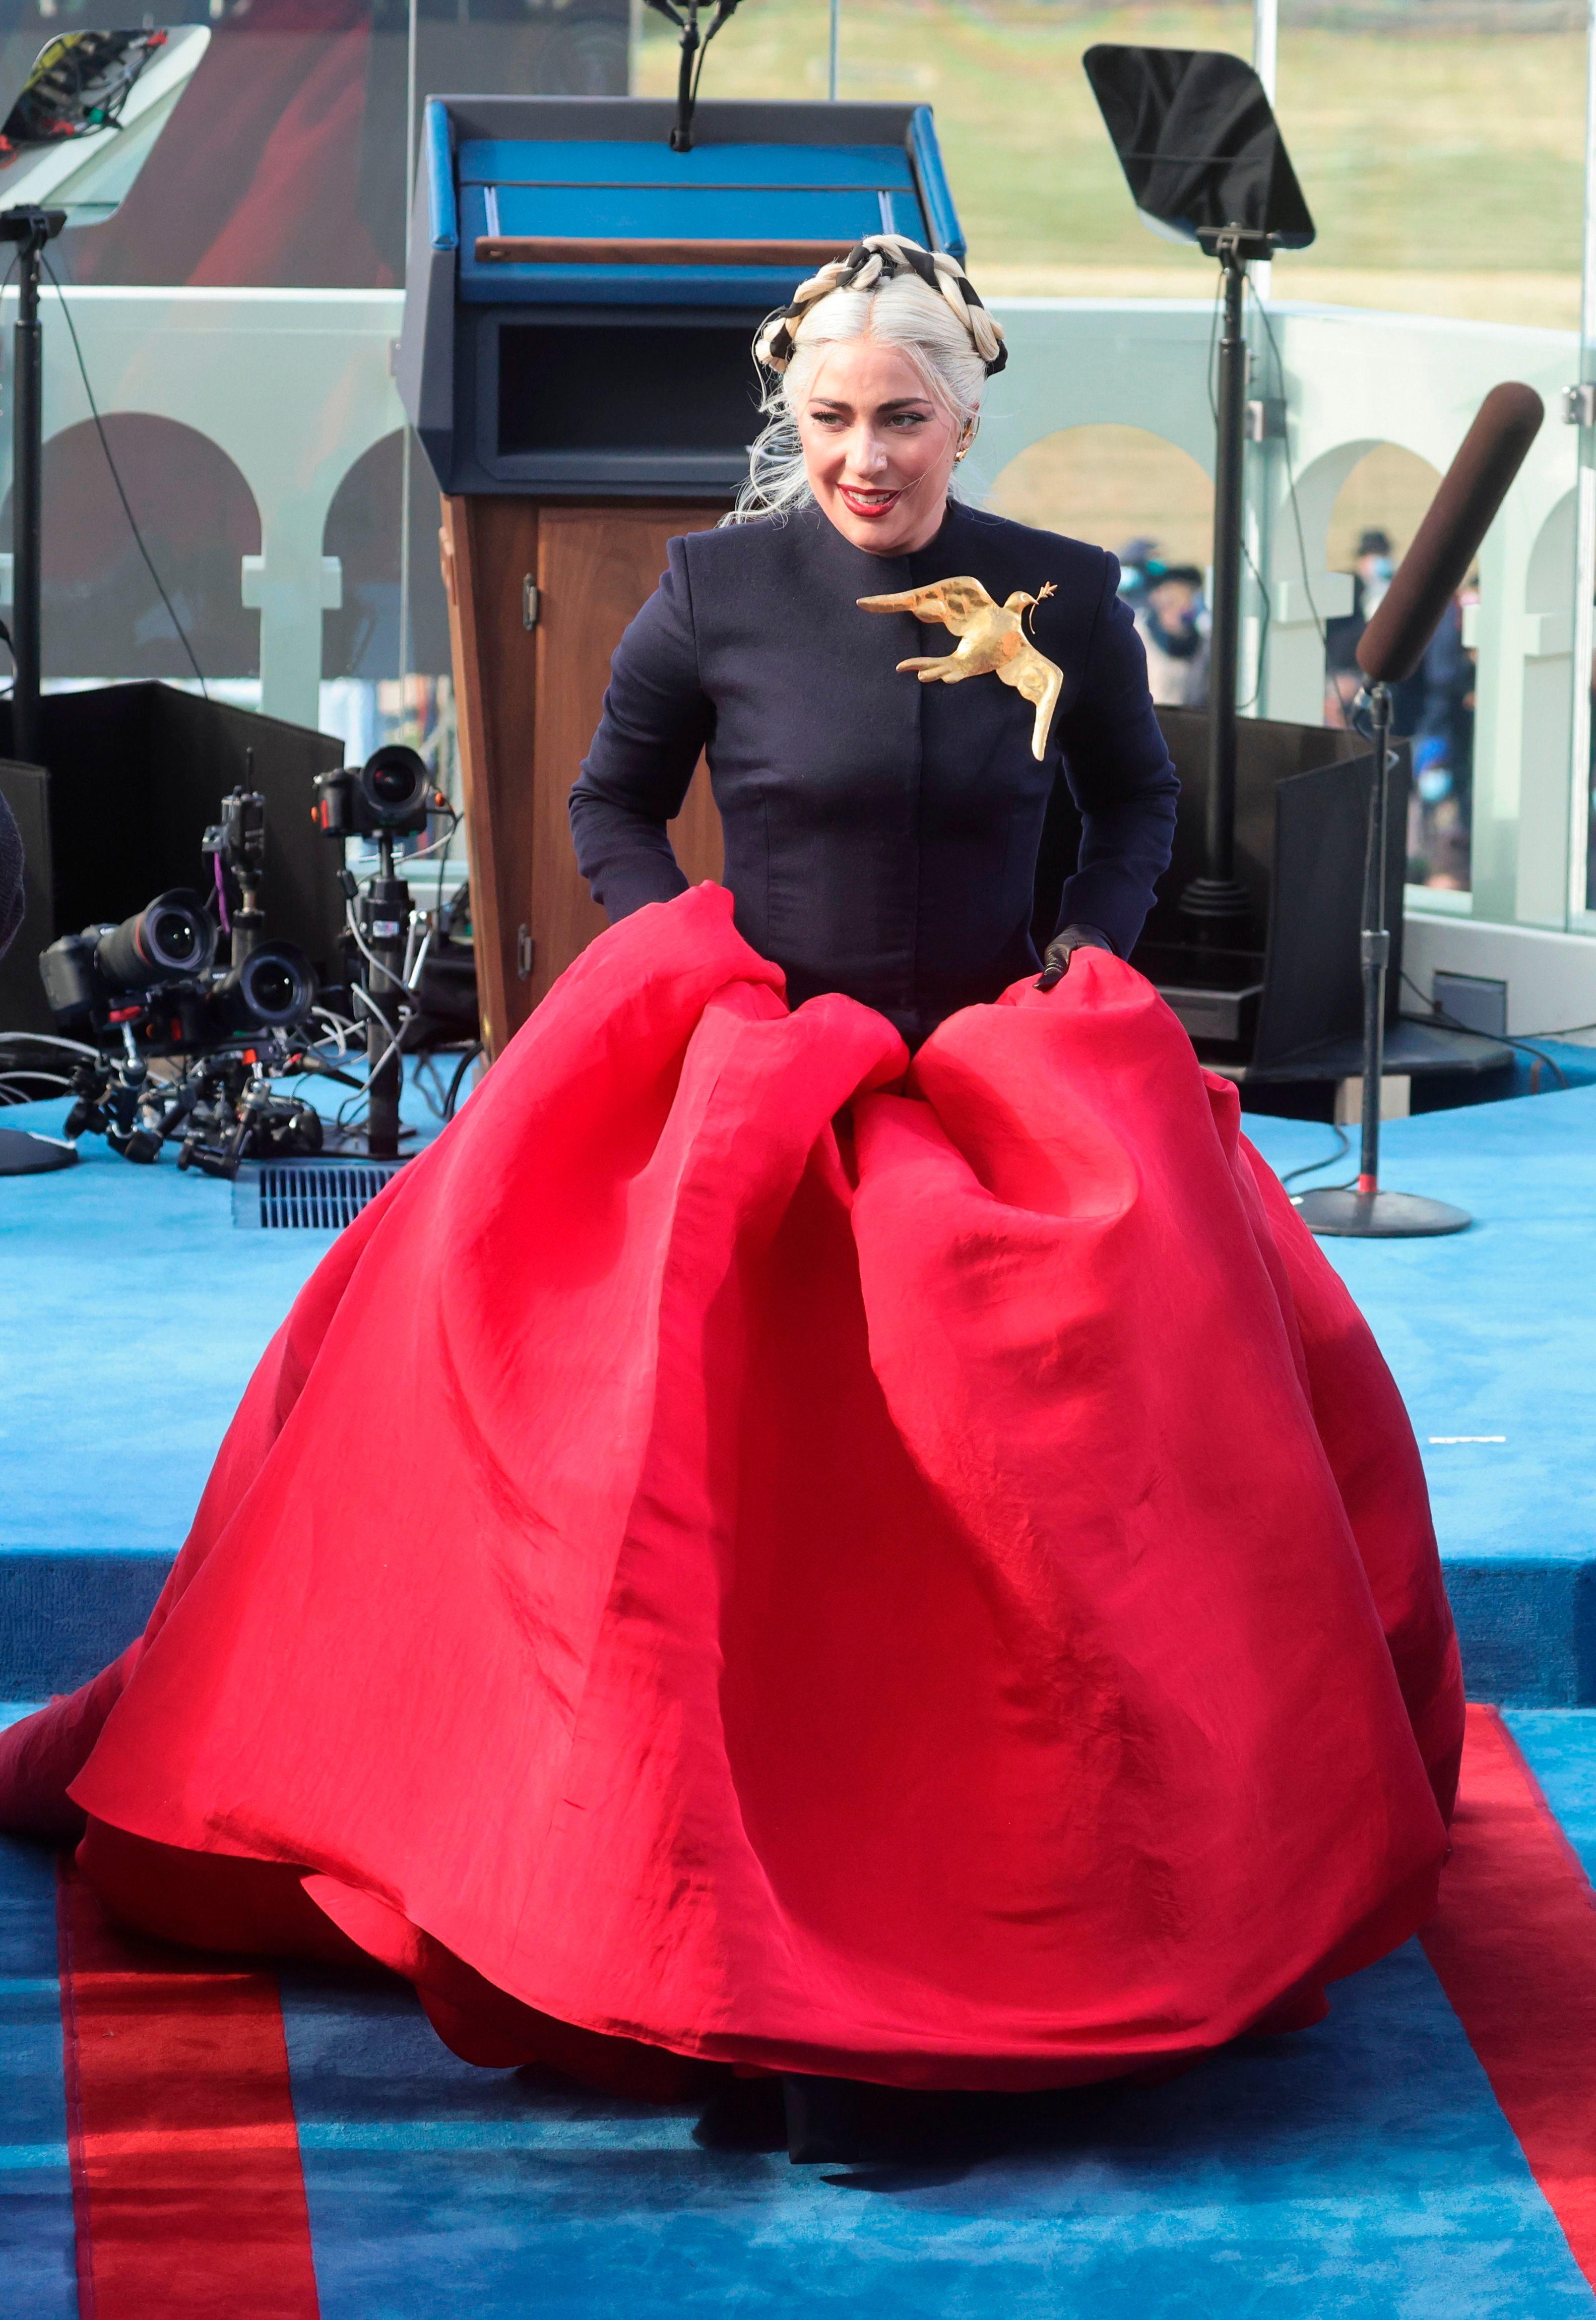 Элла Эмхофф — падчерица Камалы Харрис и новая икона стиля Белого дома. Что надо о ней знать?